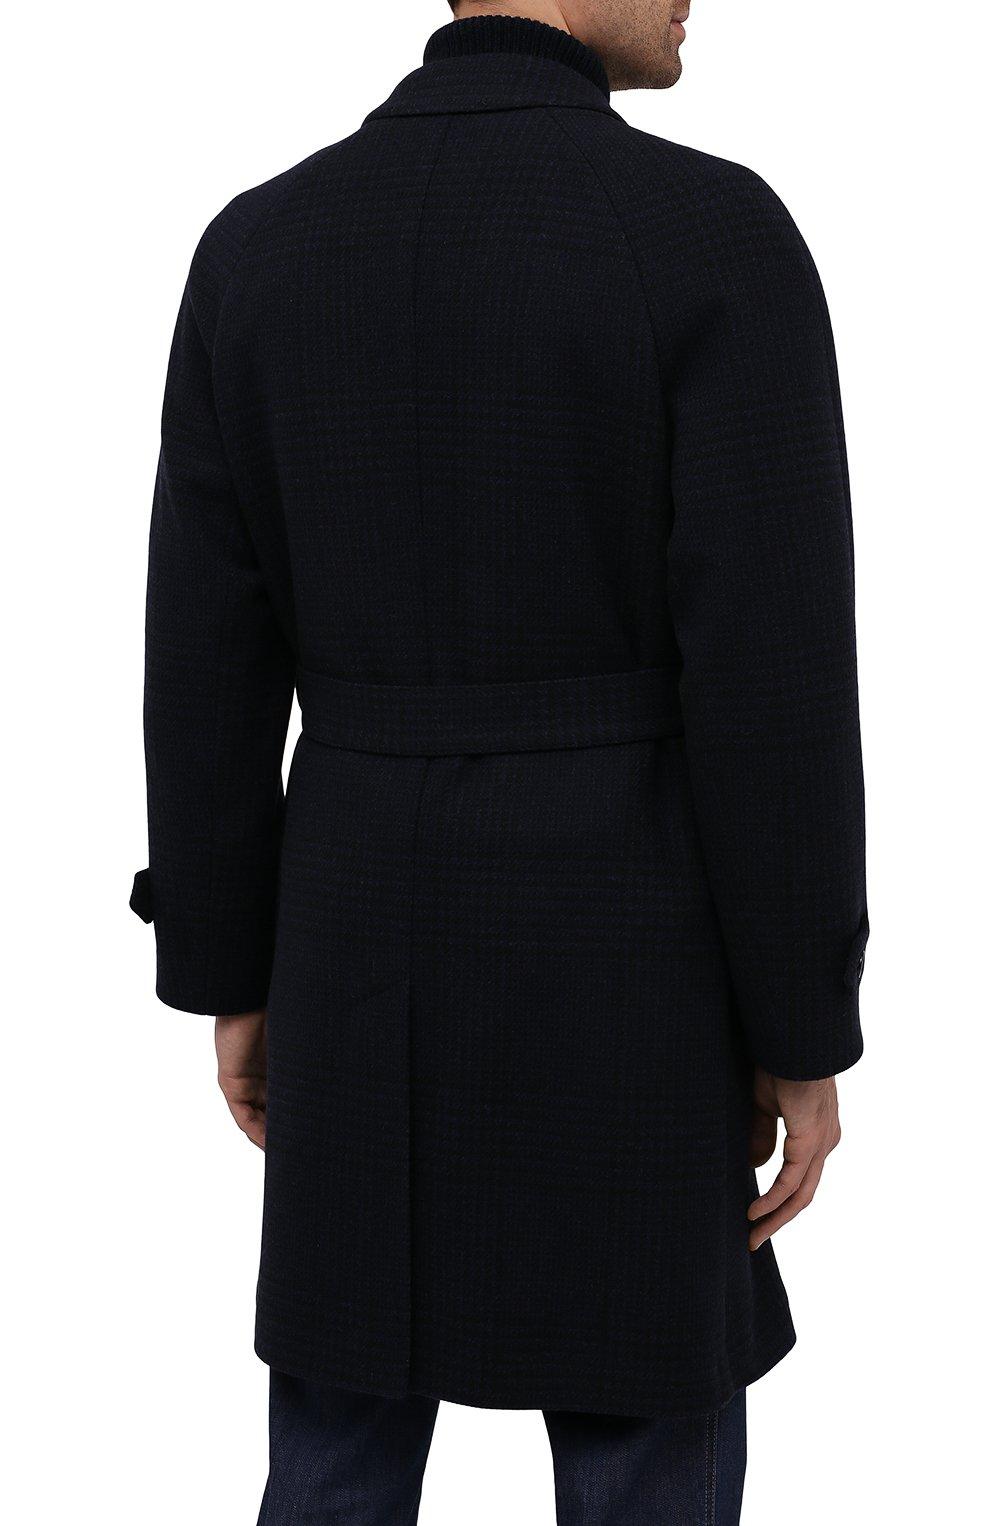 Мужской пальто из шерсти и кашемира CORNELIANI темно-синего цвета, арт. 861407-0812170/00 | Фото 4 (Материал внешний: Шерсть; Рукава: Длинные; Стили: Классический, Кэжуэл; Мужское Кросс-КТ: Верхняя одежда, пальто-верхняя одежда; Материал подклада: Вискоза)